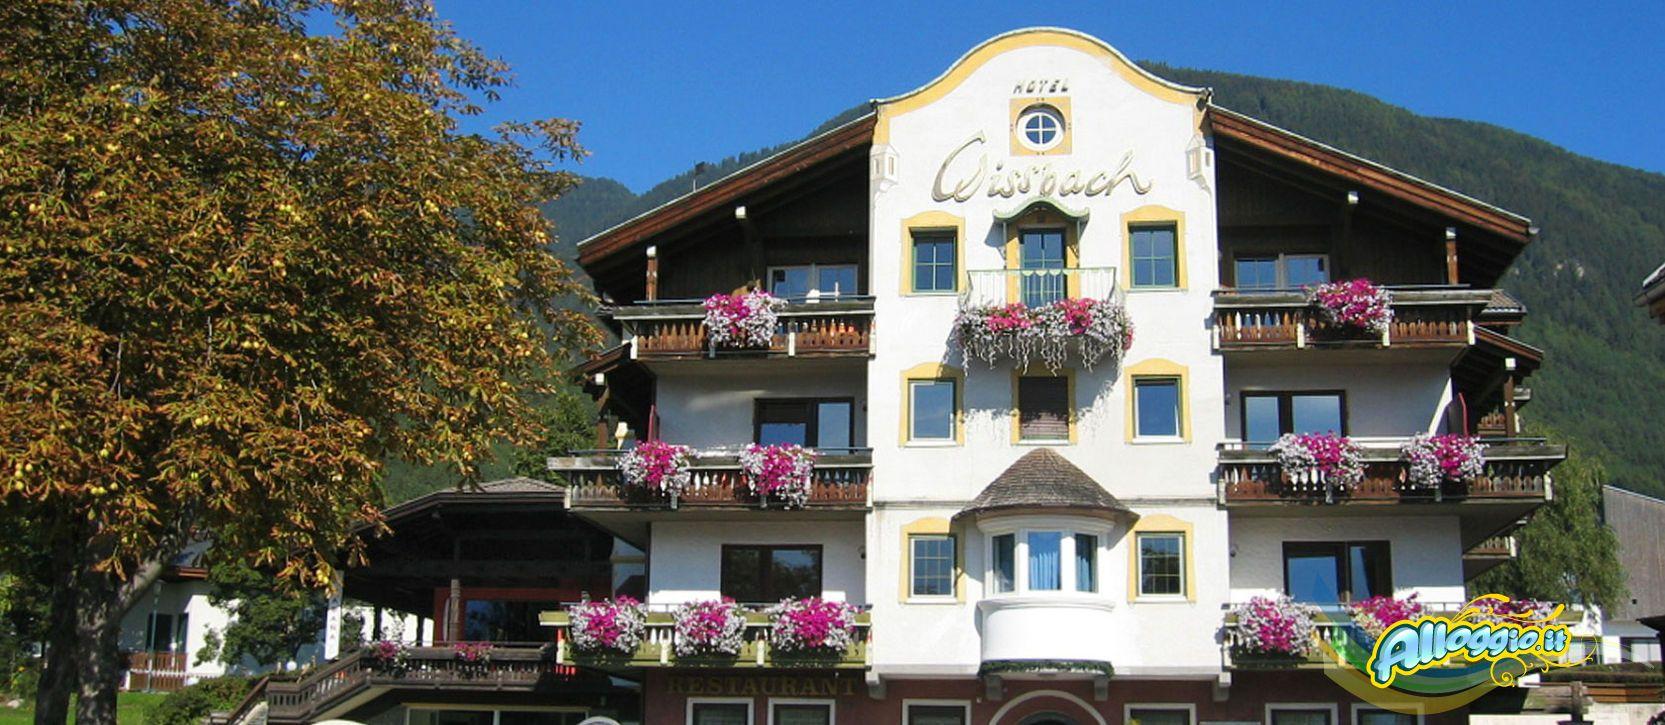 Hotel gissbach 3 stelle a s giorgio di brunico alto adige for Hotel siracusa 3 stelle